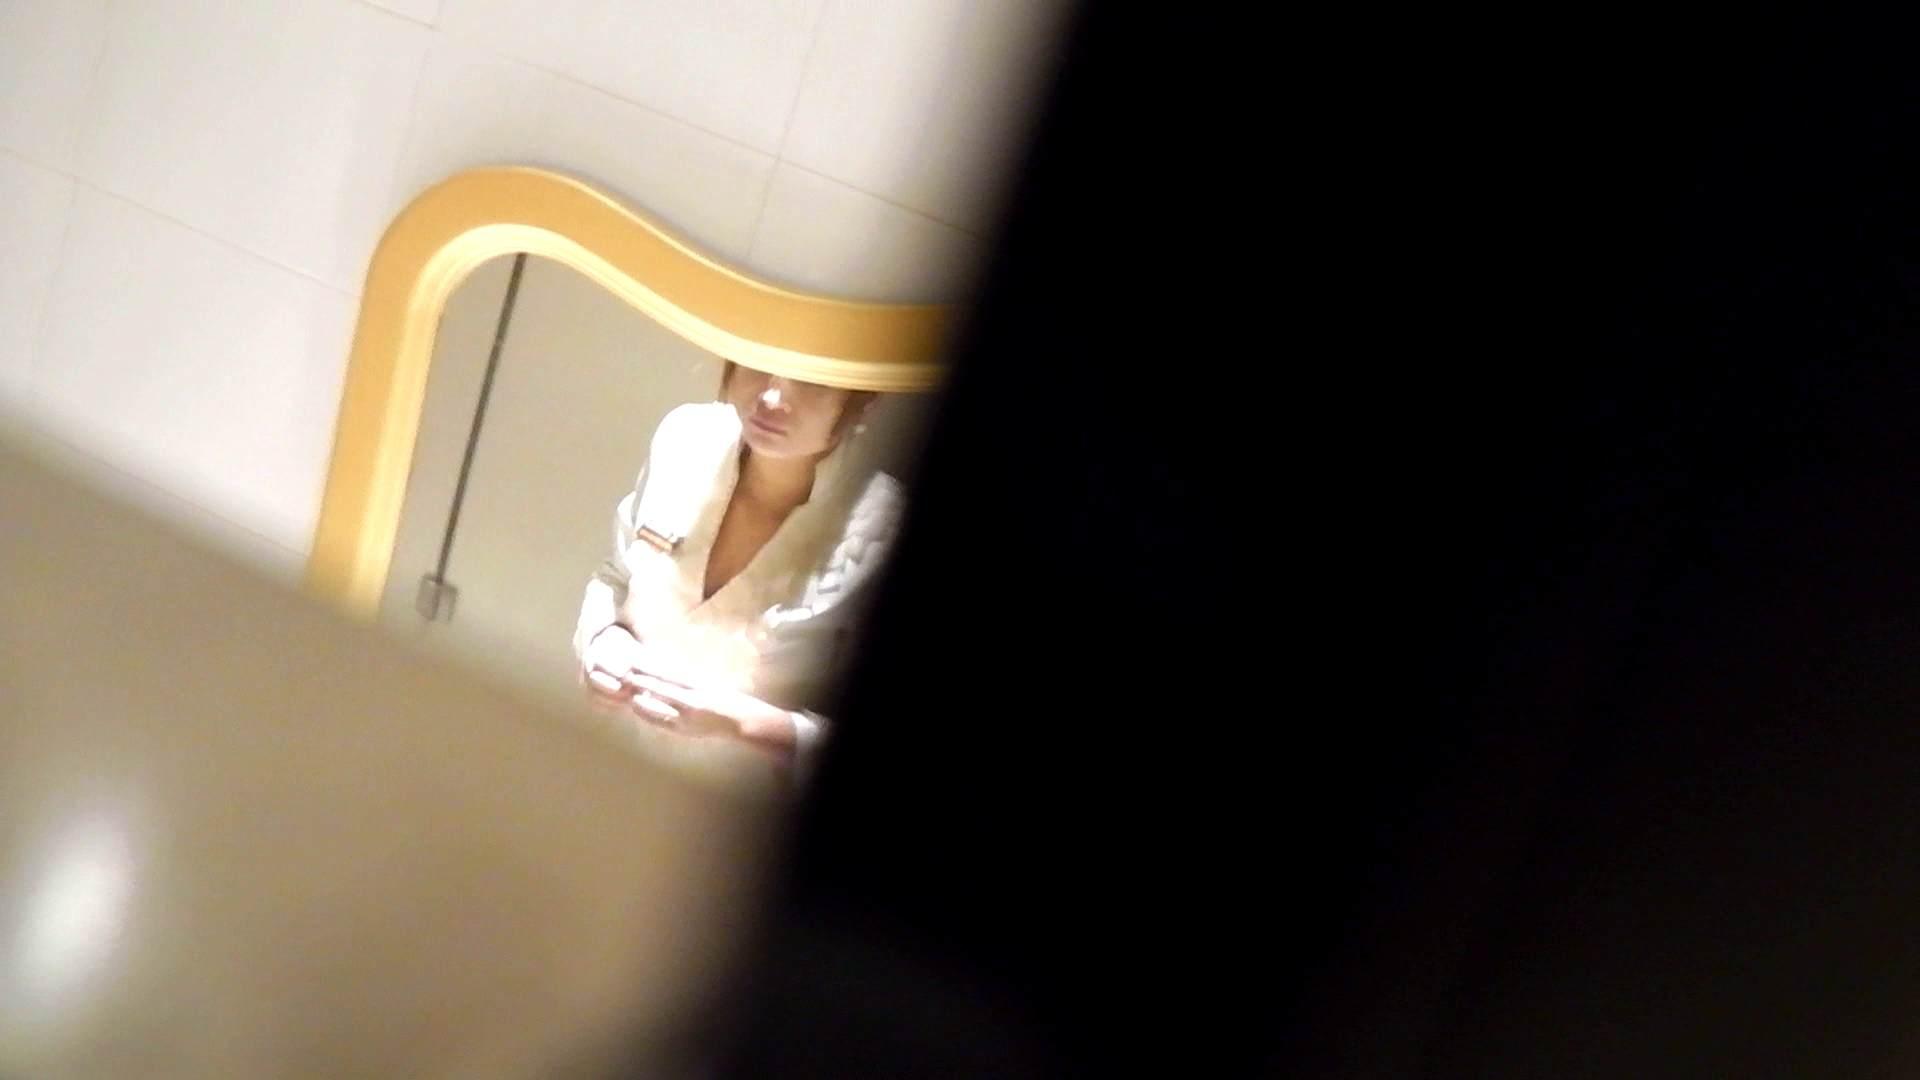 洗寿観音さんの 化粧室は四面楚歌Nol.3 洗面所 | OLのボディ  51PIX 5